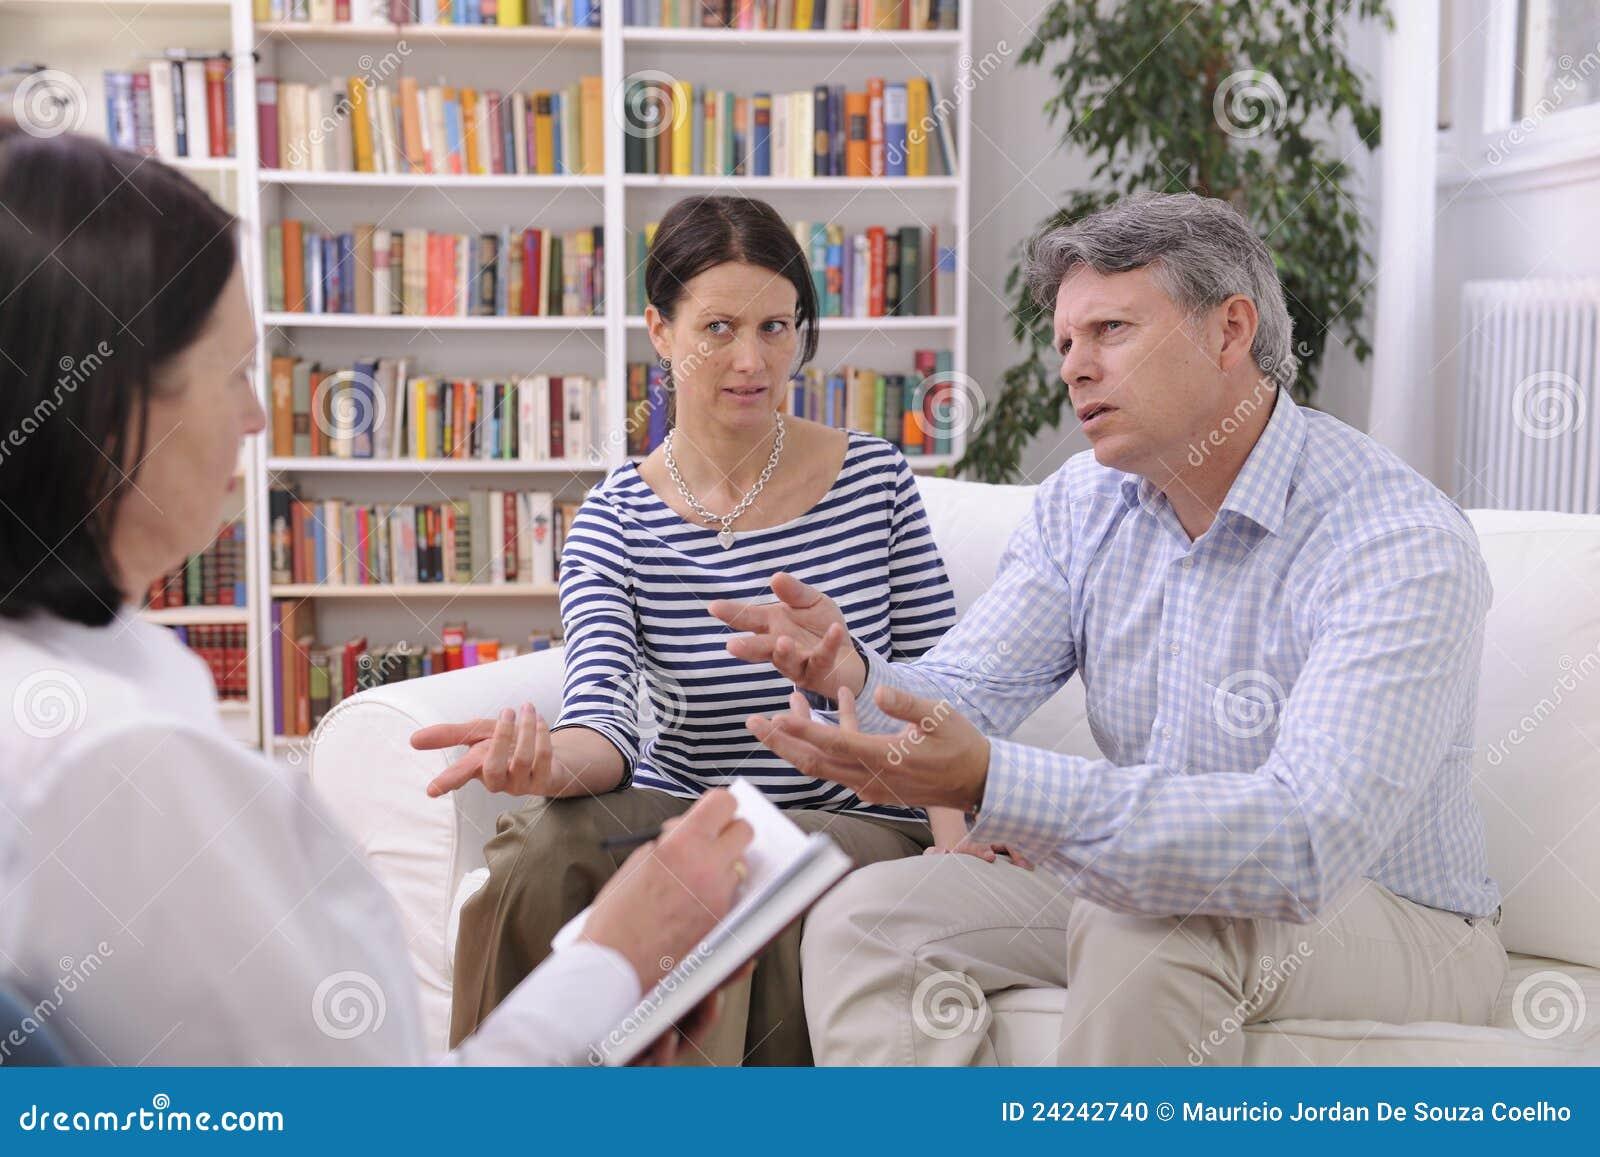 LE COUPLE CONSULTE PARLER AU PSYCHOLOGUE